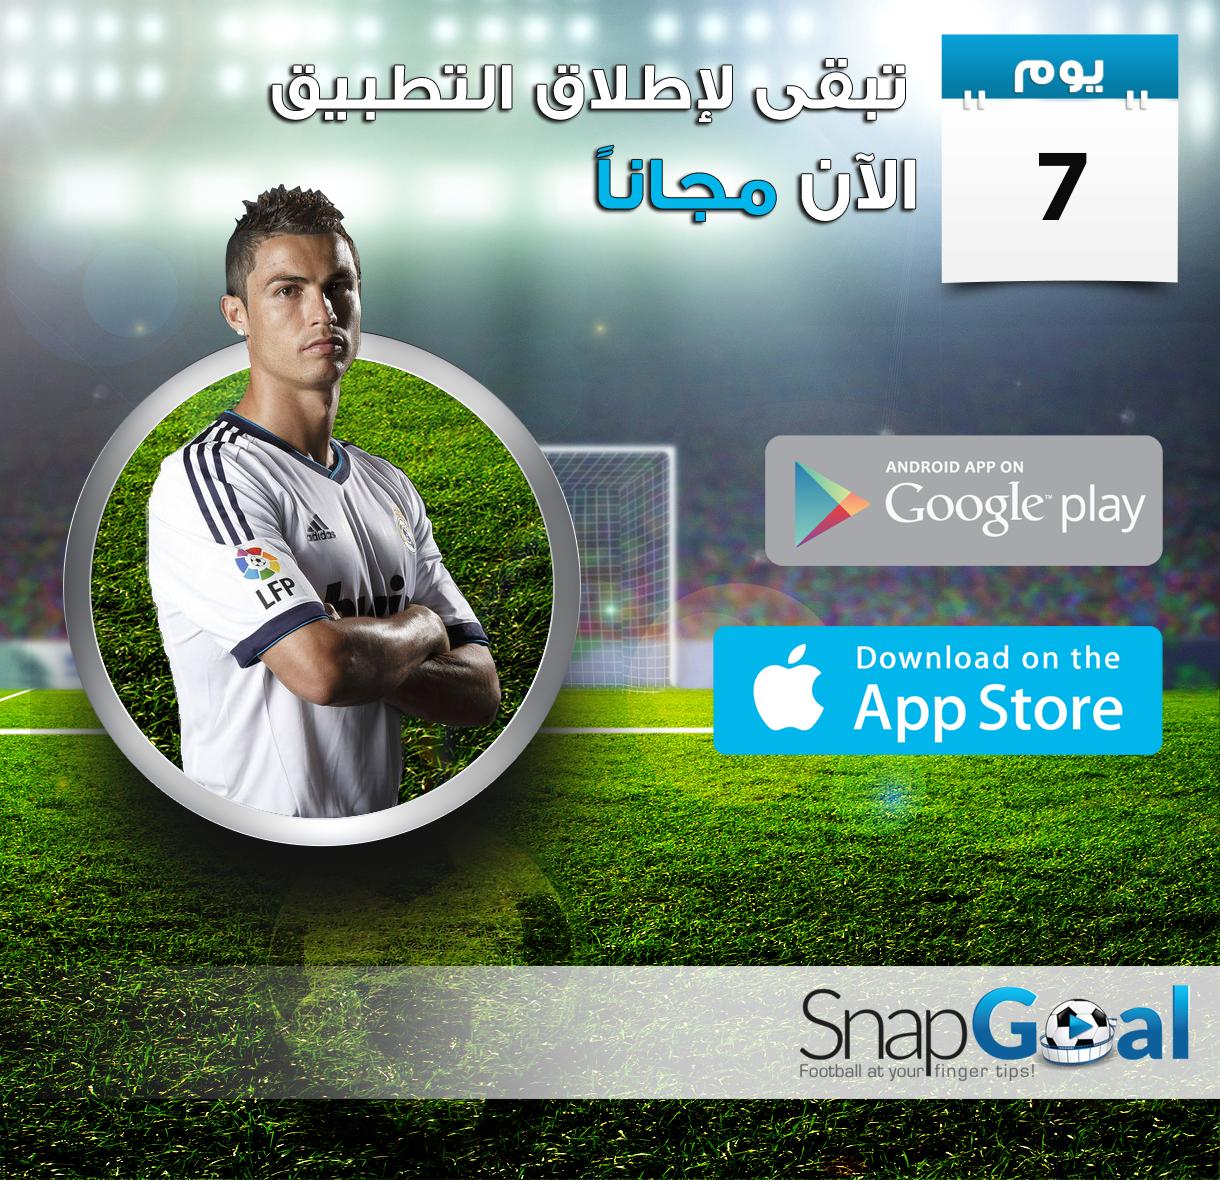 لا تفوت فرصة مشاهدتك لأهداف فريقك المفضل بل شاهدها مباشرة مع #SnapGoal. يتوفر التطبيق على http://snapgoal.com